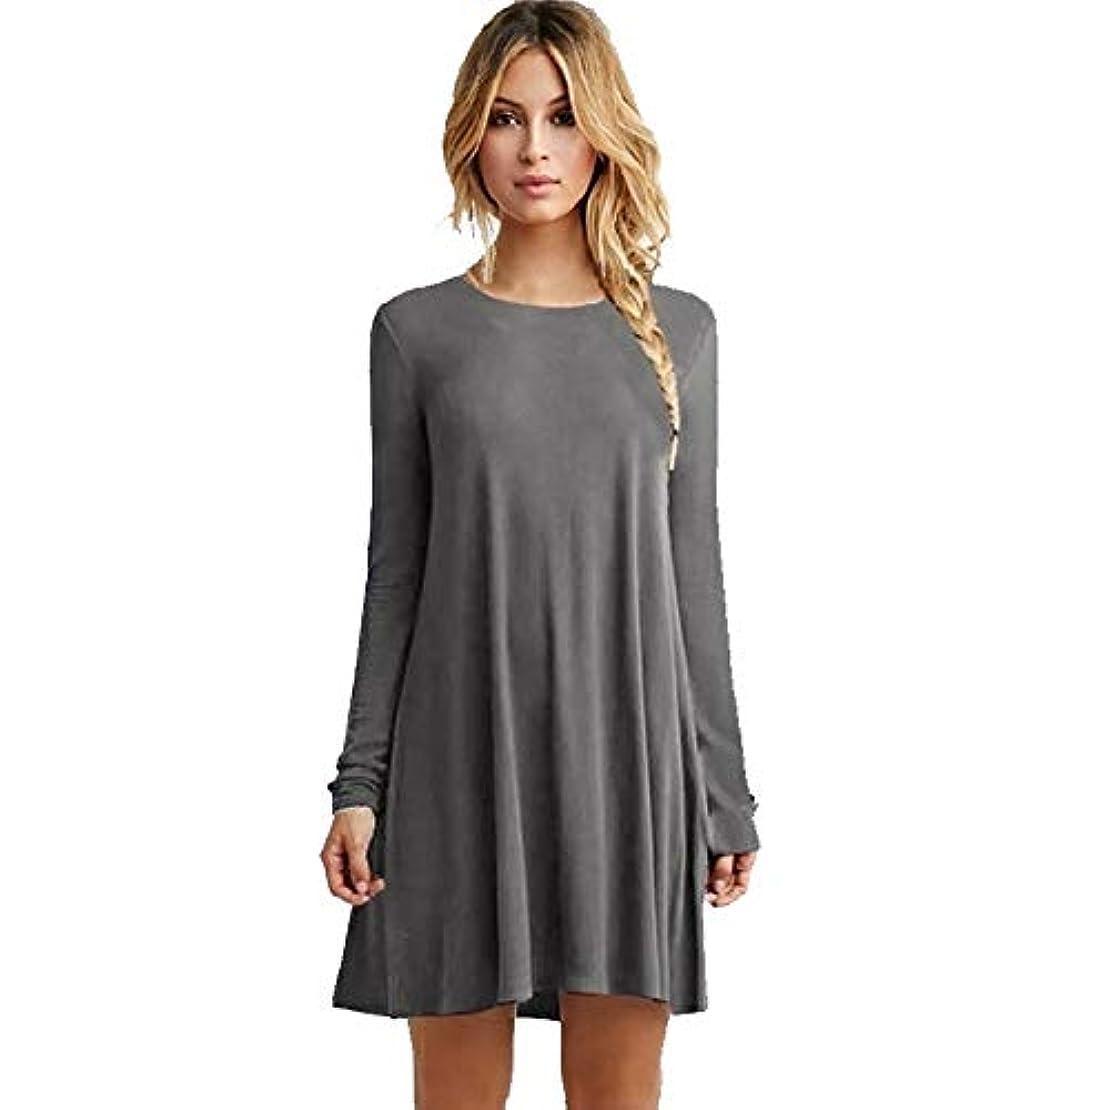 タウポ湖うなるドラマMIFANルースドレス、プラスサイズのドレス、長袖のドレス、女性のドレス、秋のドレス、マキシドレス、コットンドレス